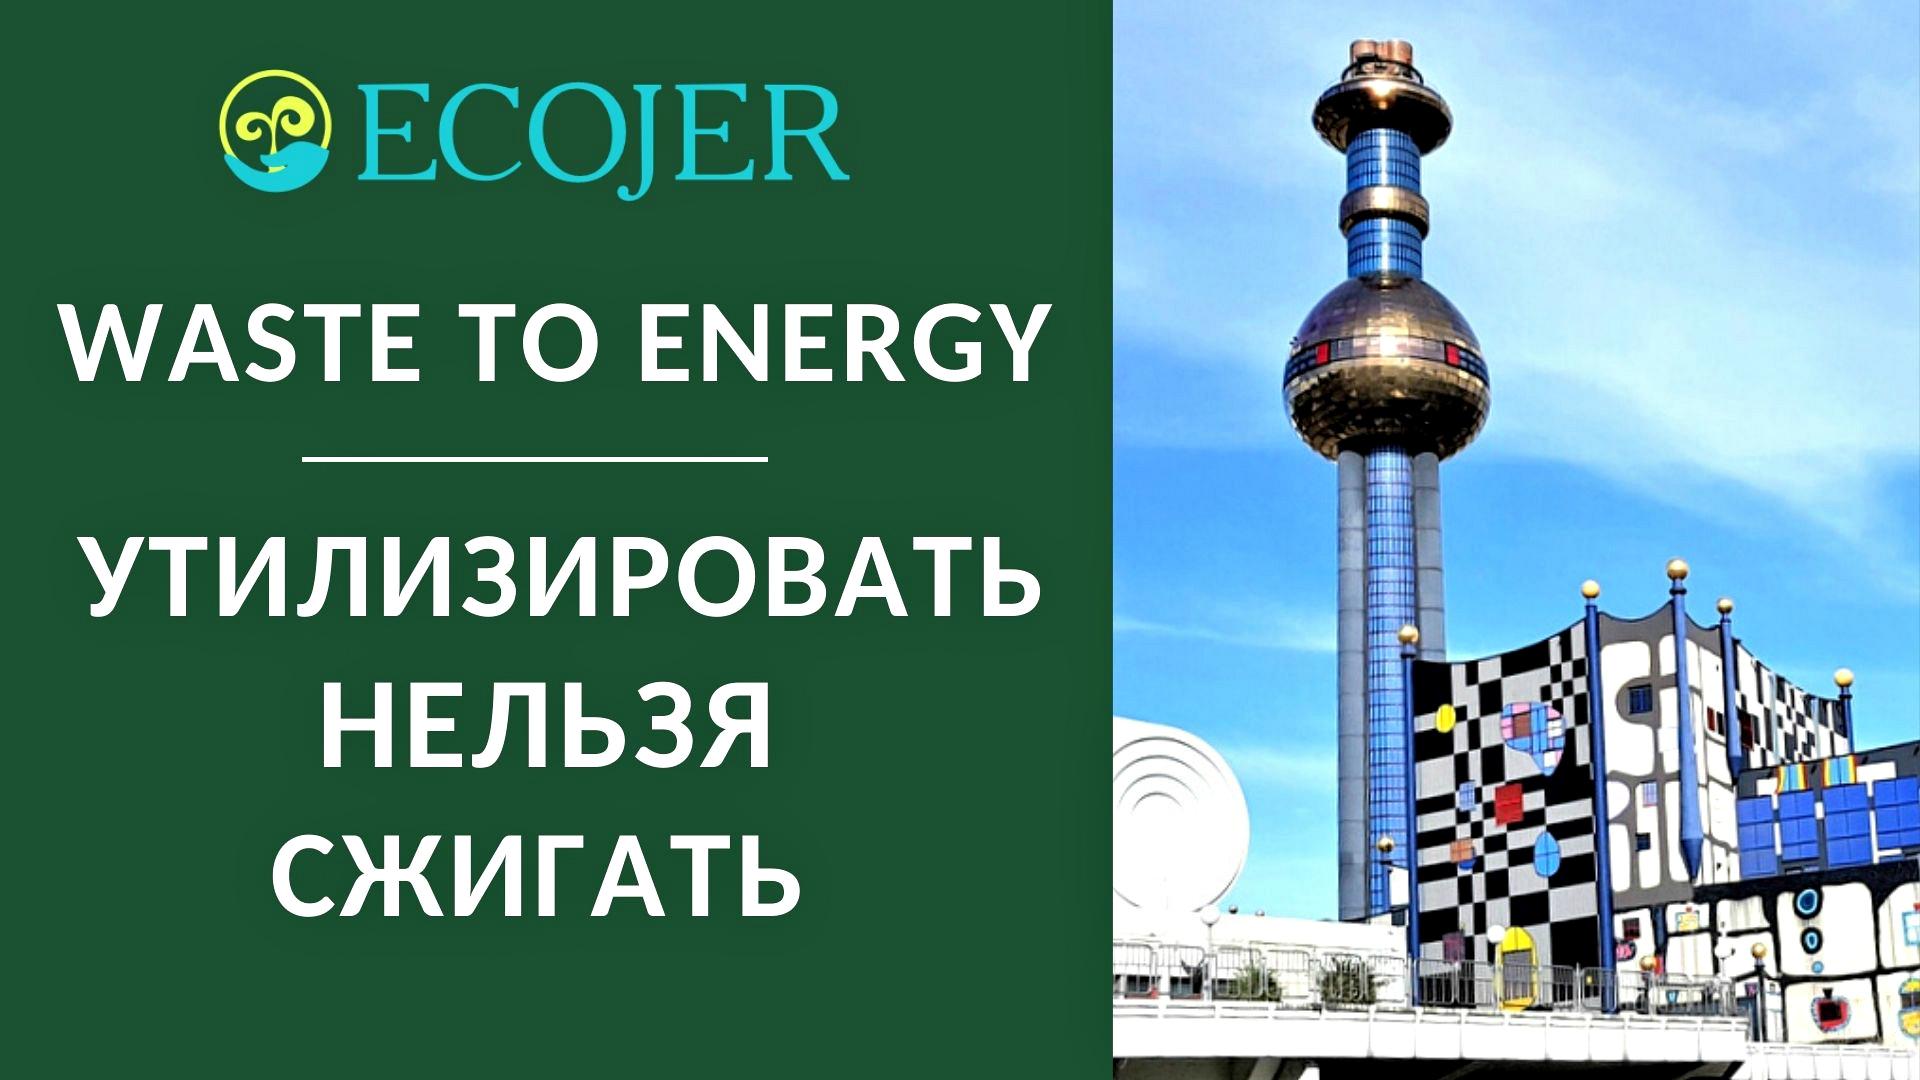 WASTE TO ENERGY: УТИЛИЗИРОВАТЬ НЕЛЬЗЯ СЖИГАТЬ/// ТЕЛЕПРОЕКТ